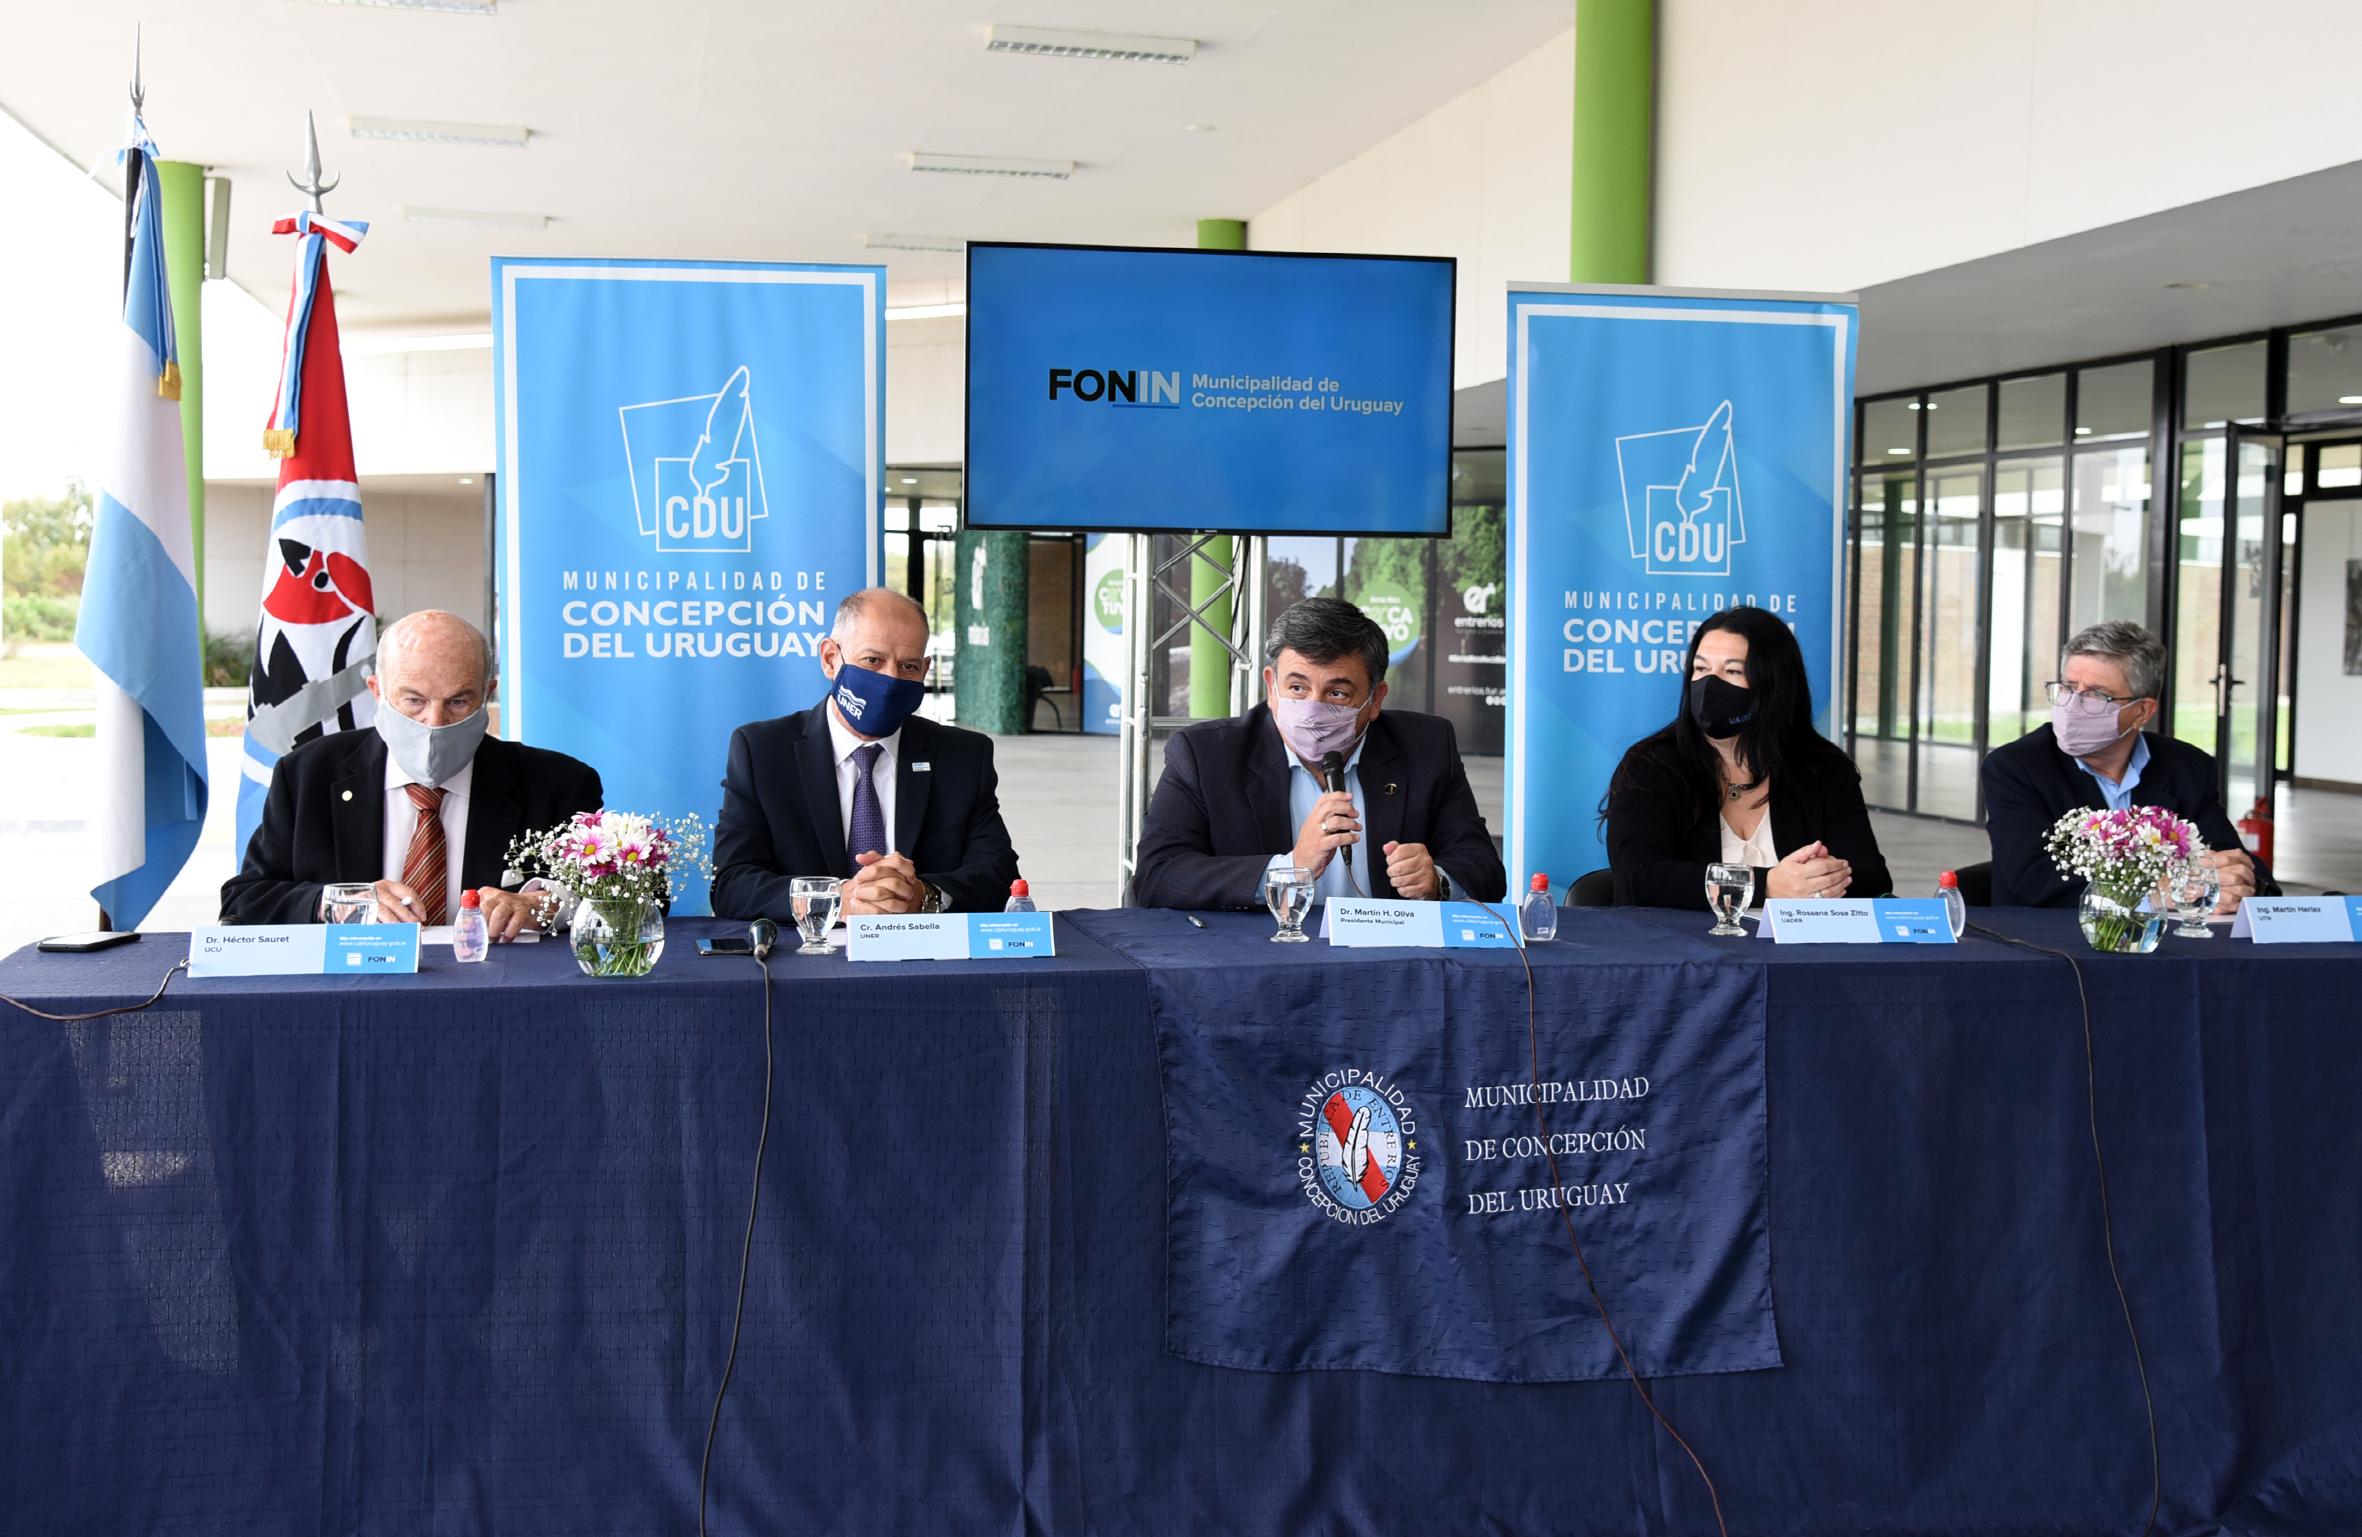 El Municipio de Concepción del Uruguay lanzó dos programas para becar a estudiantes de nivel superior y universitario